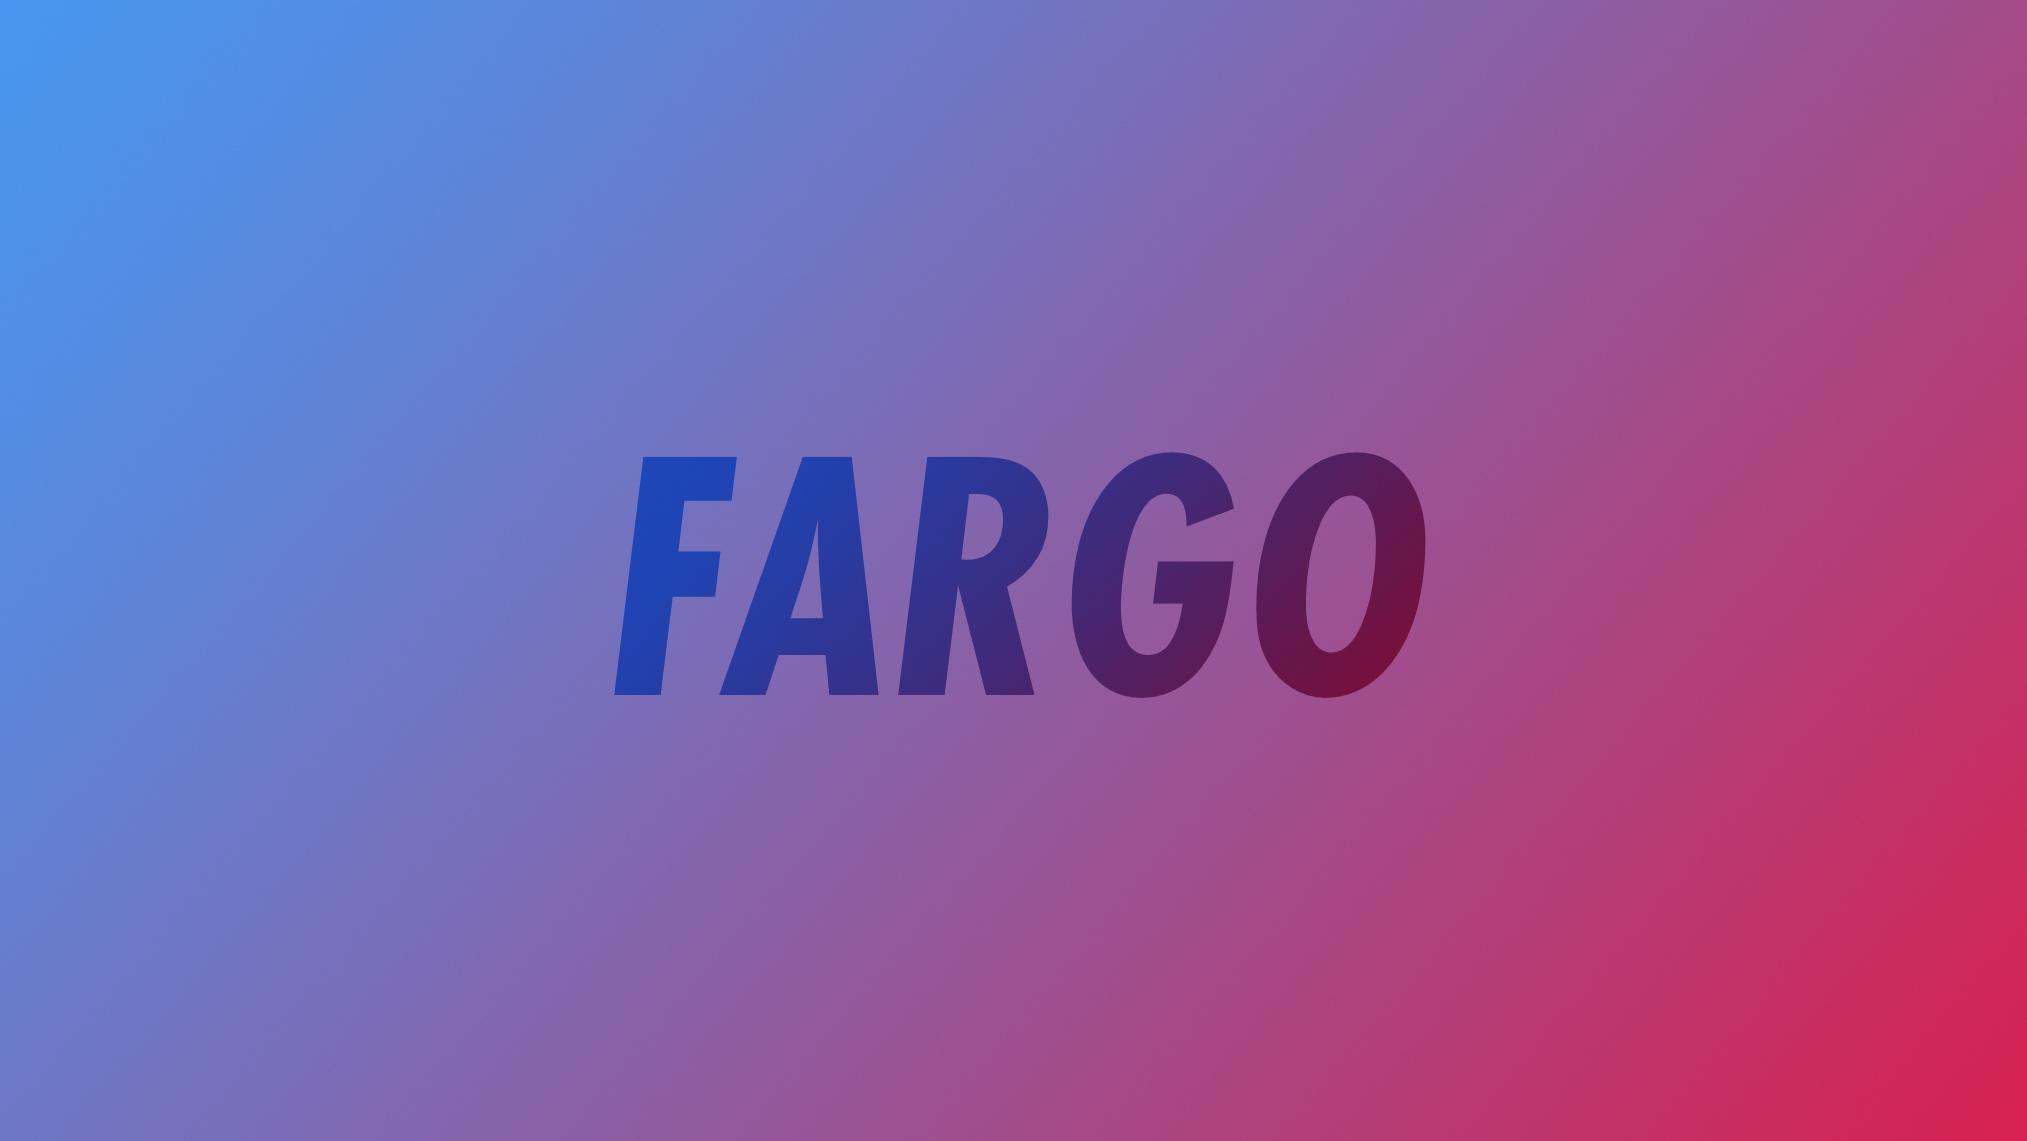 fargo banner 4.jpg